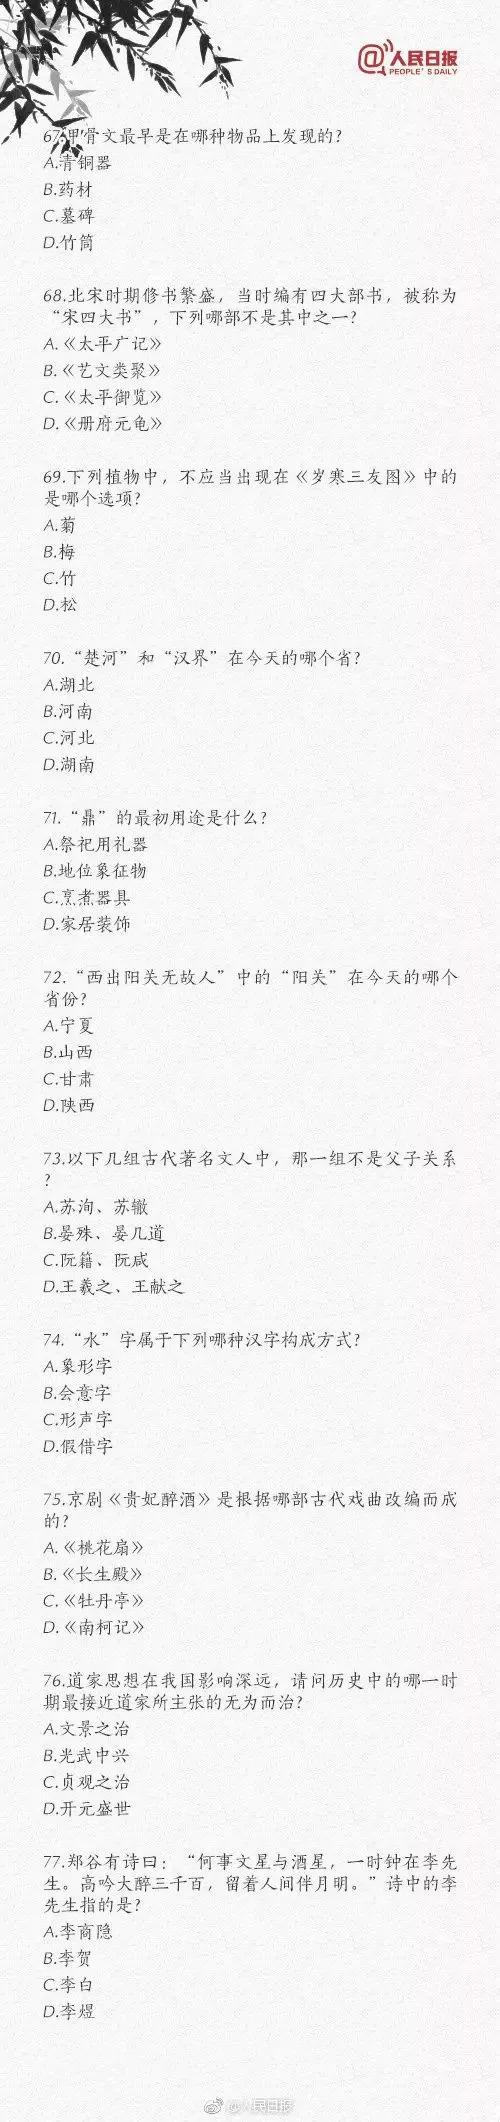 六合开奖结果直播 7